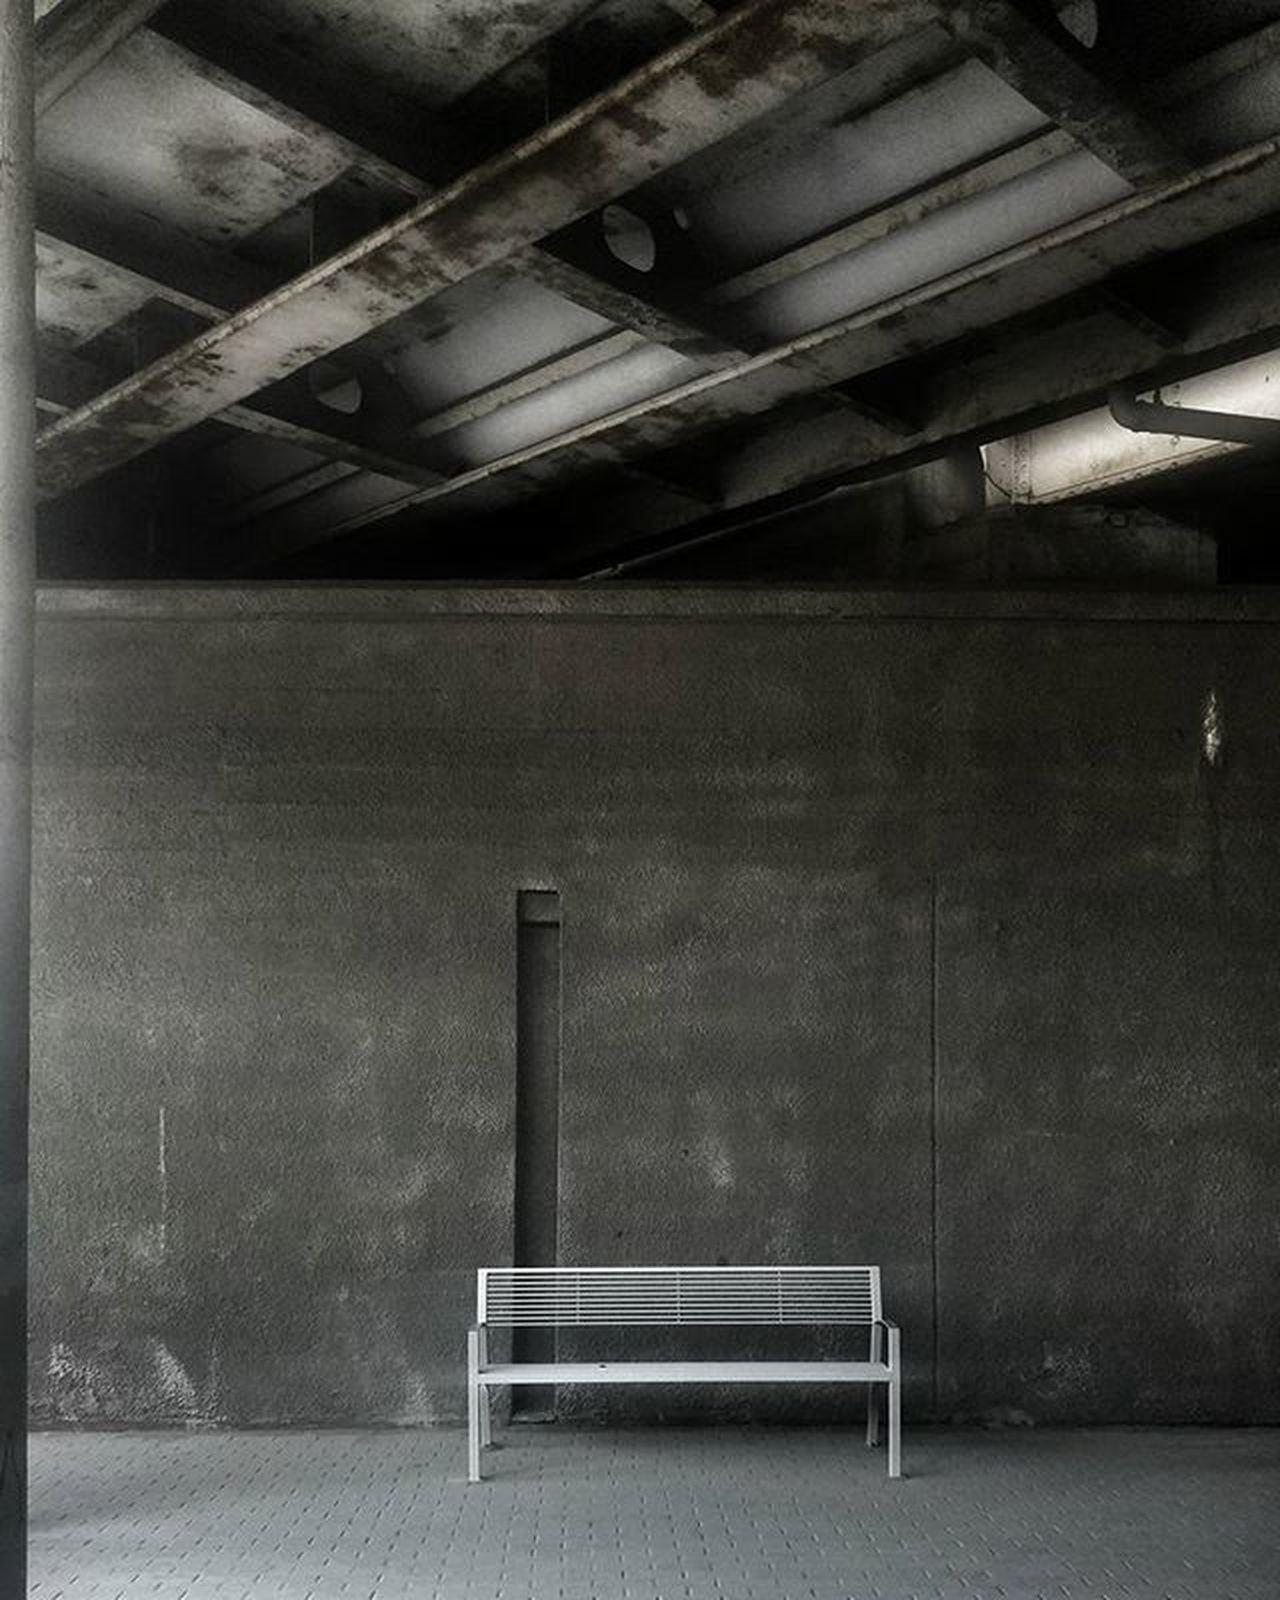 Podróż Pociag Stacja ławka Minimalist Architecture